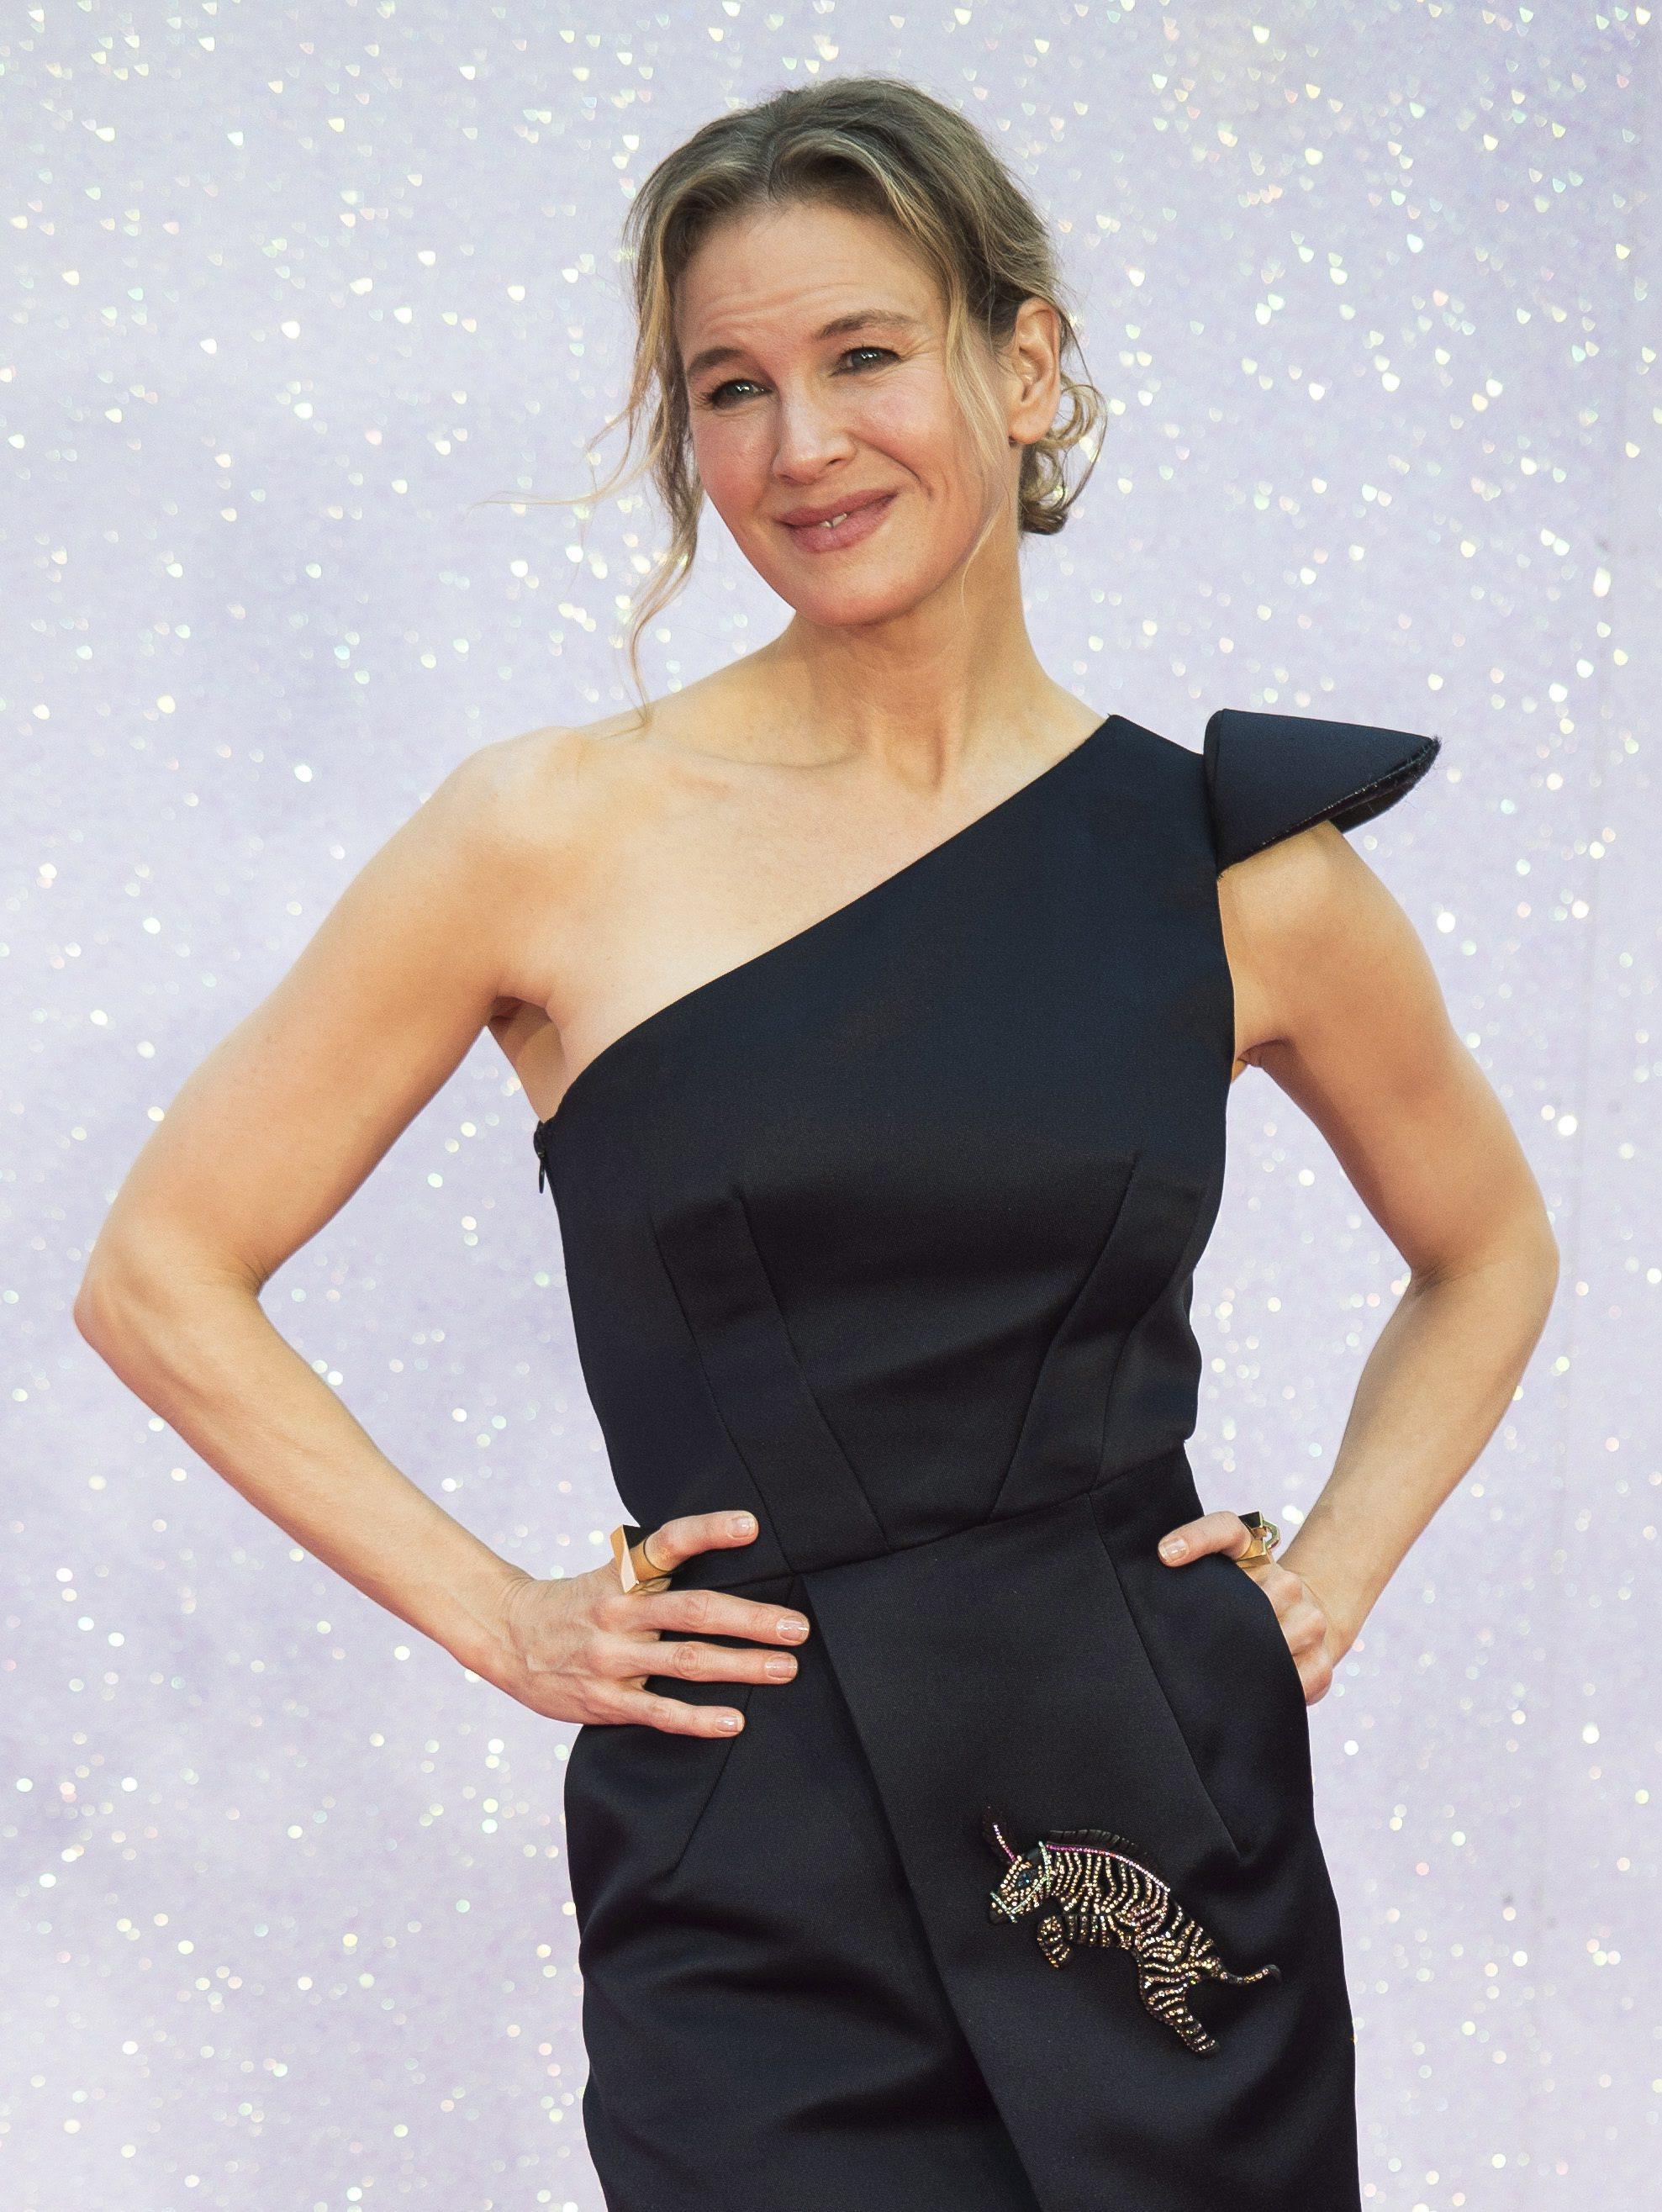 Dupa 12 ani de absenta si multe operatii estetice, actrita Renée Zellweger revine pe marele ecran cu rolul Bridget Jones